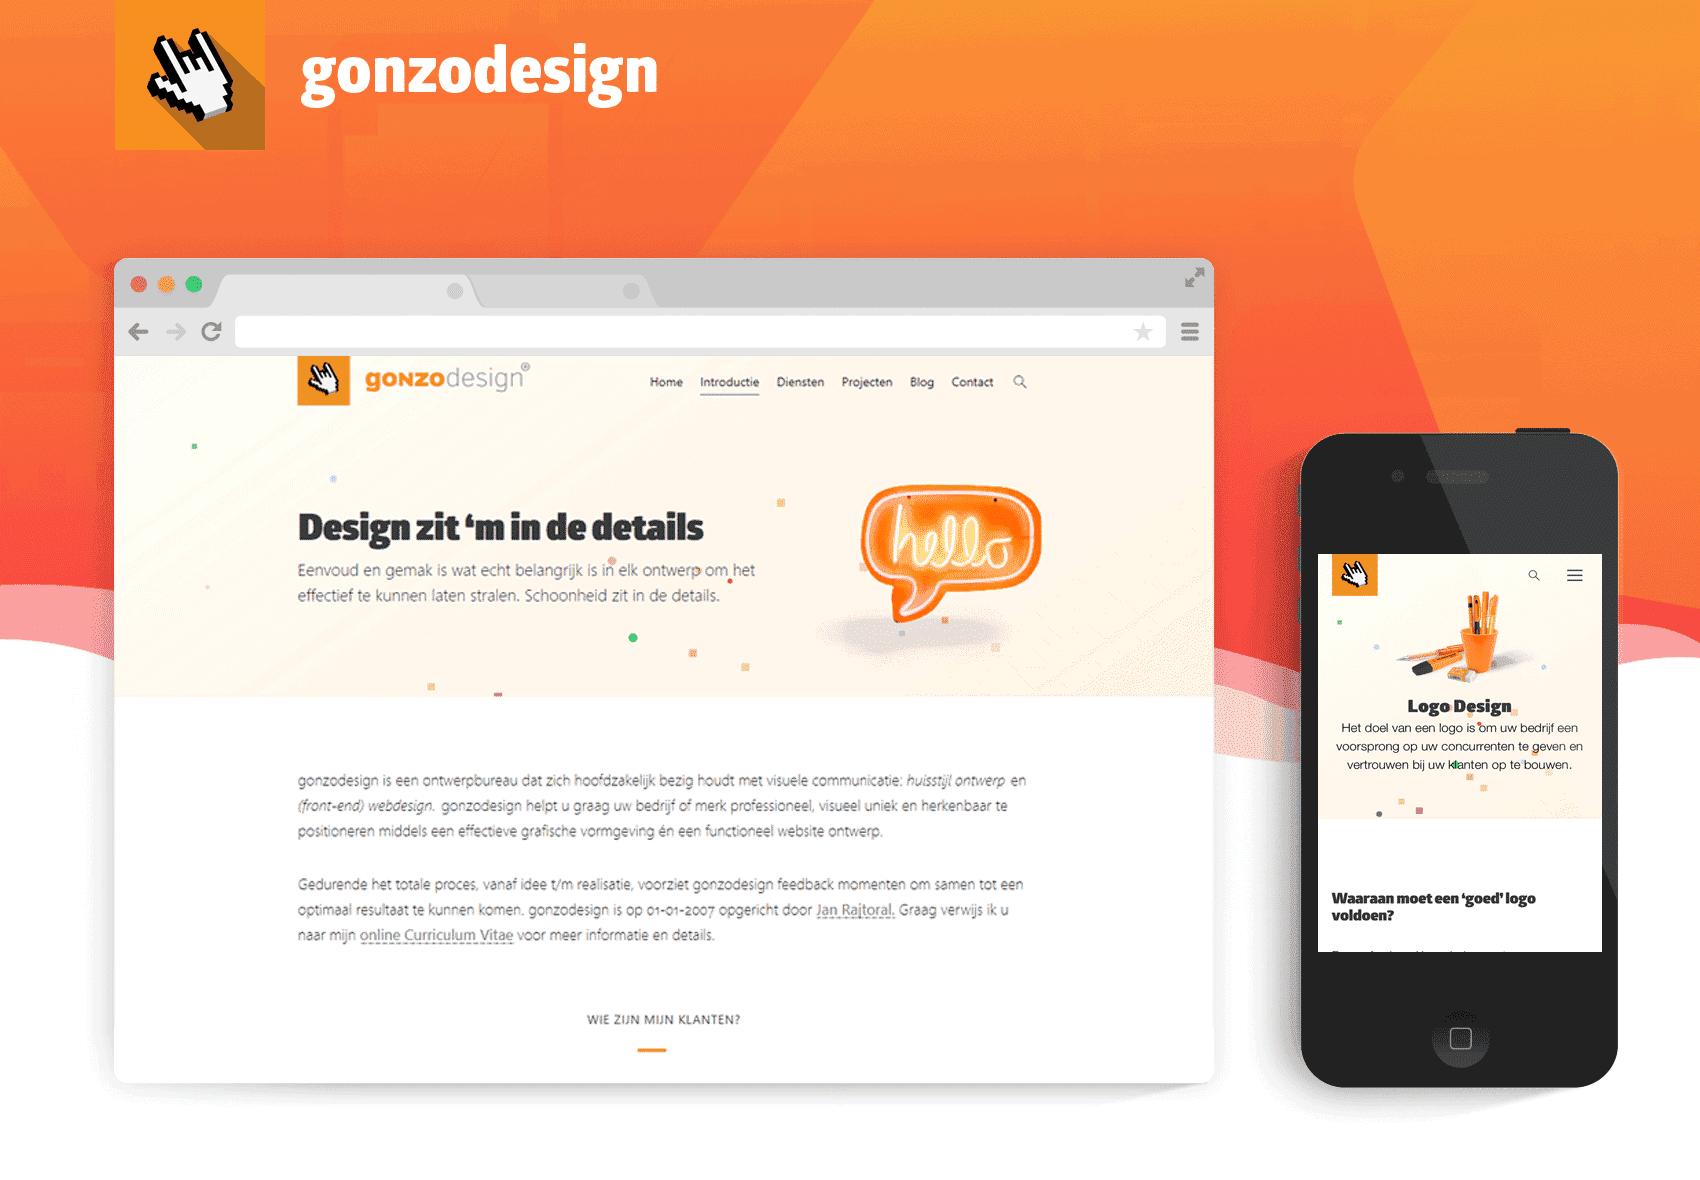 Presentatie afbeelding van een laptop beeldscherm en iPhone beeldscherm van de nieuwe versie van gonzodesign.nl